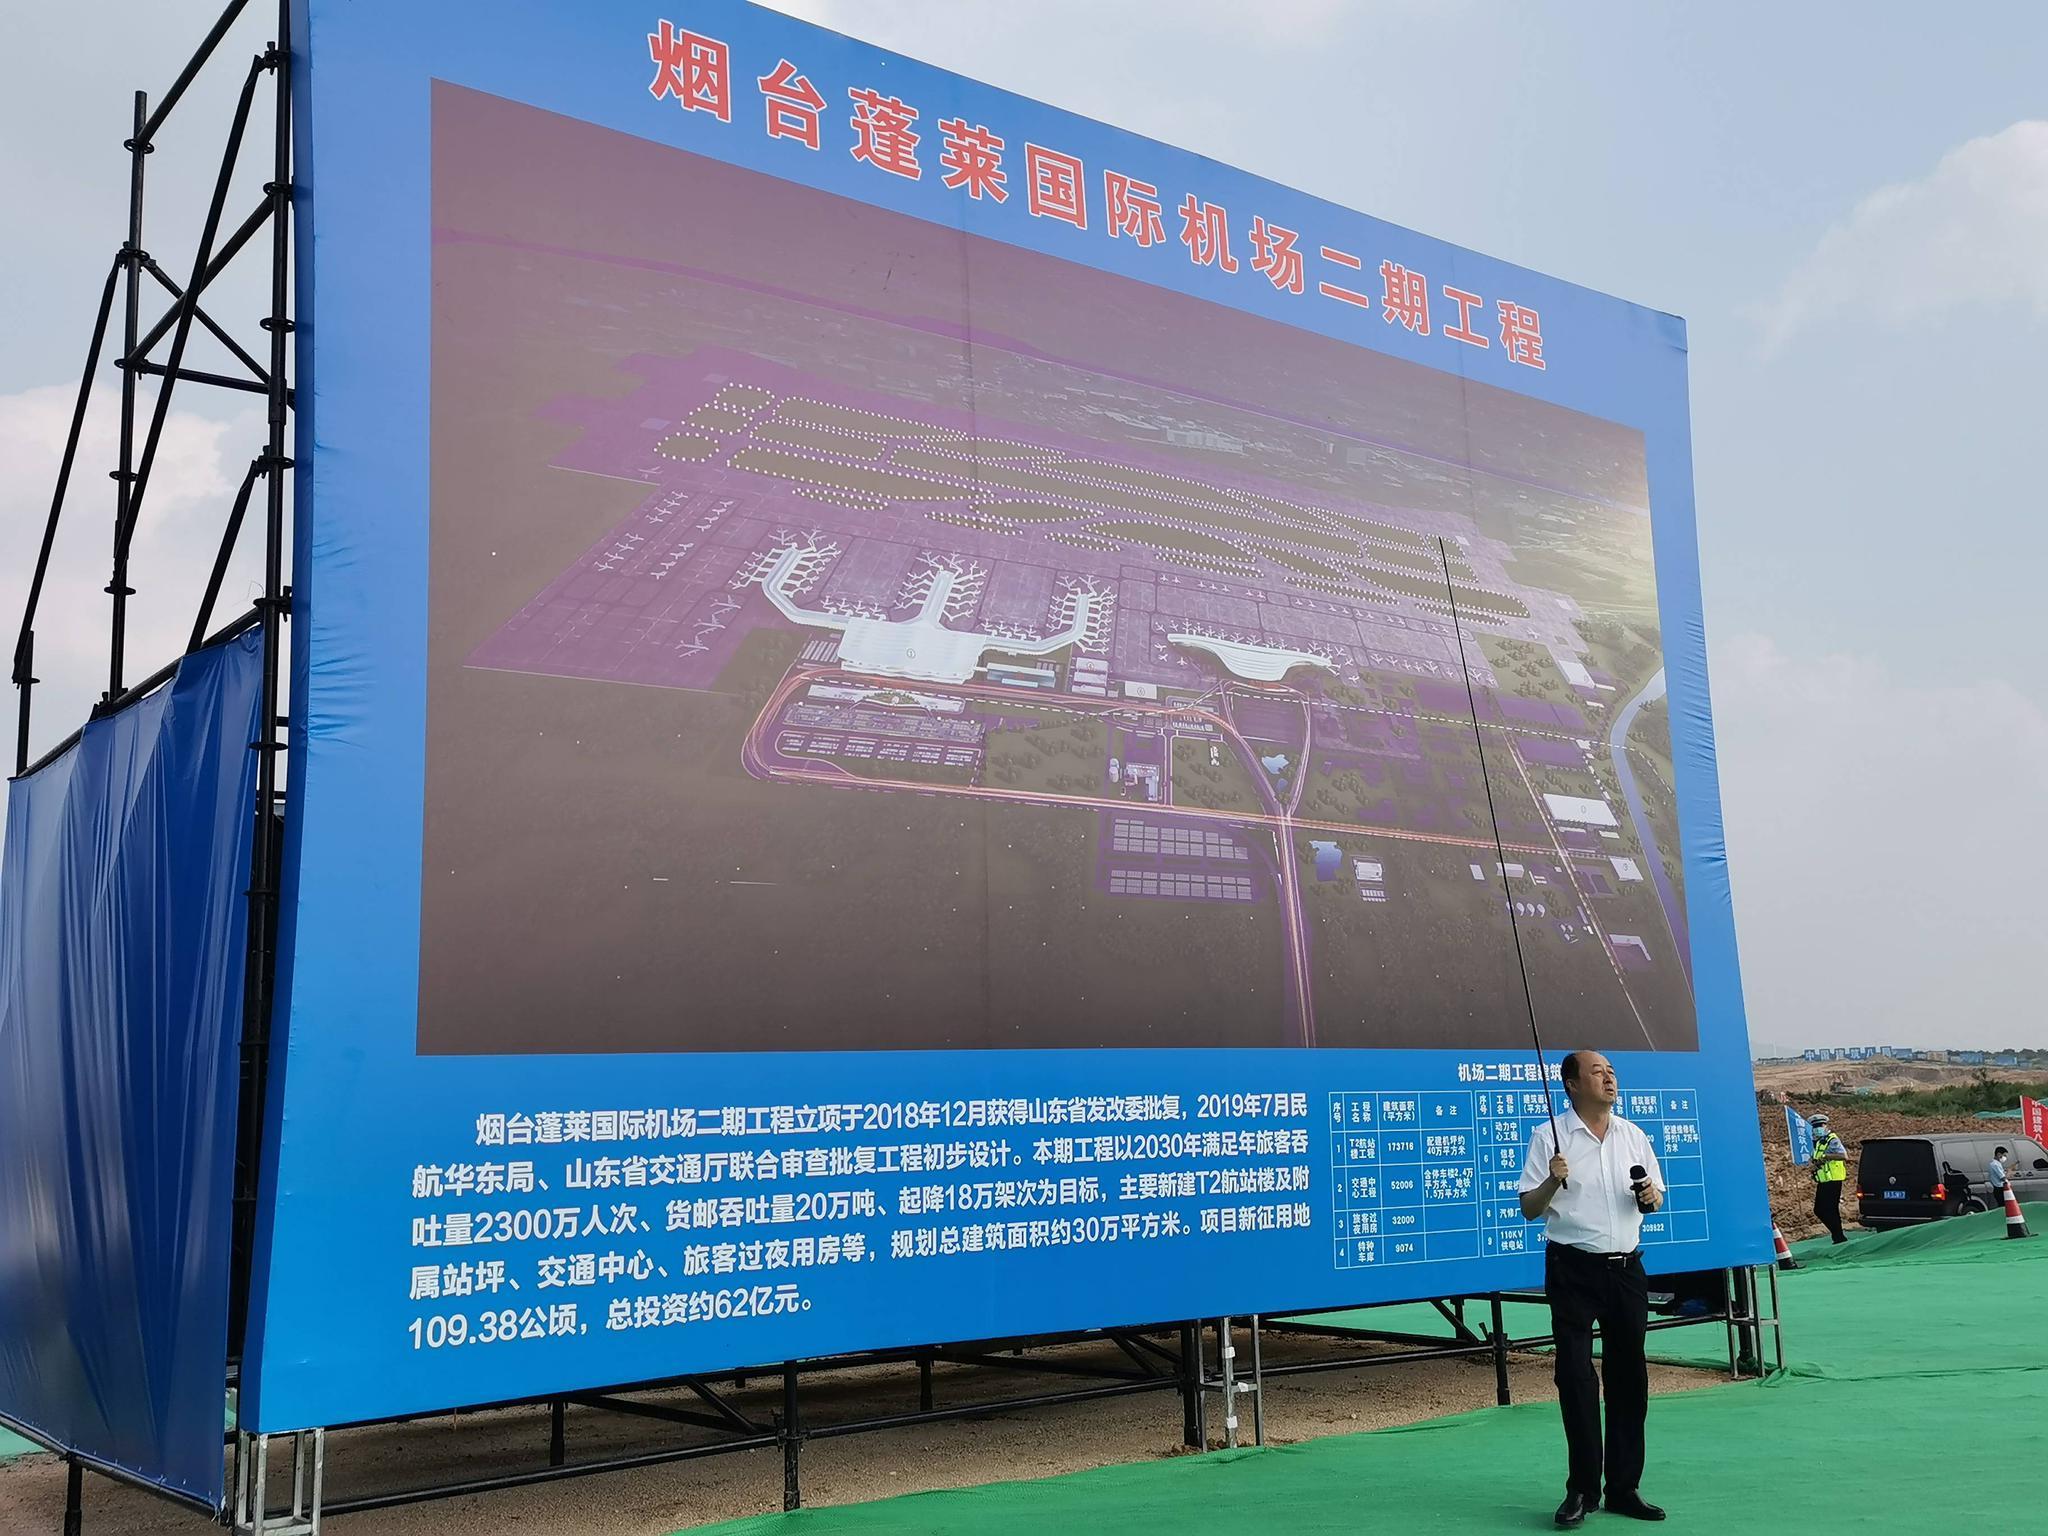 高质量发展看烟台 | 烟台国际机场集团:蓬莱国际机场二期工程计划2022年底前投入使用